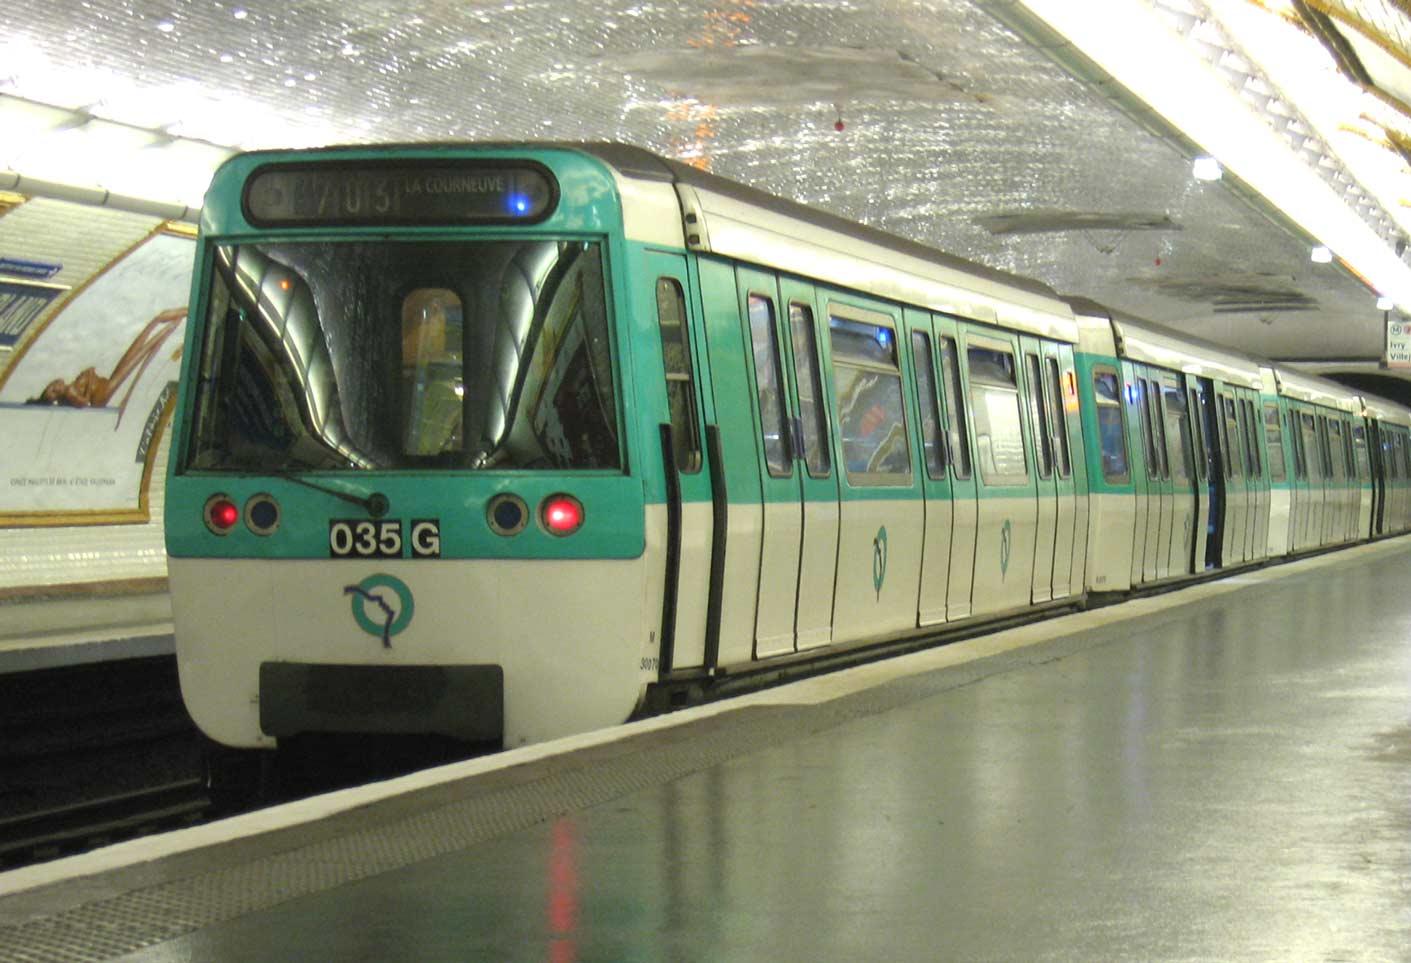 De metro van Parijs